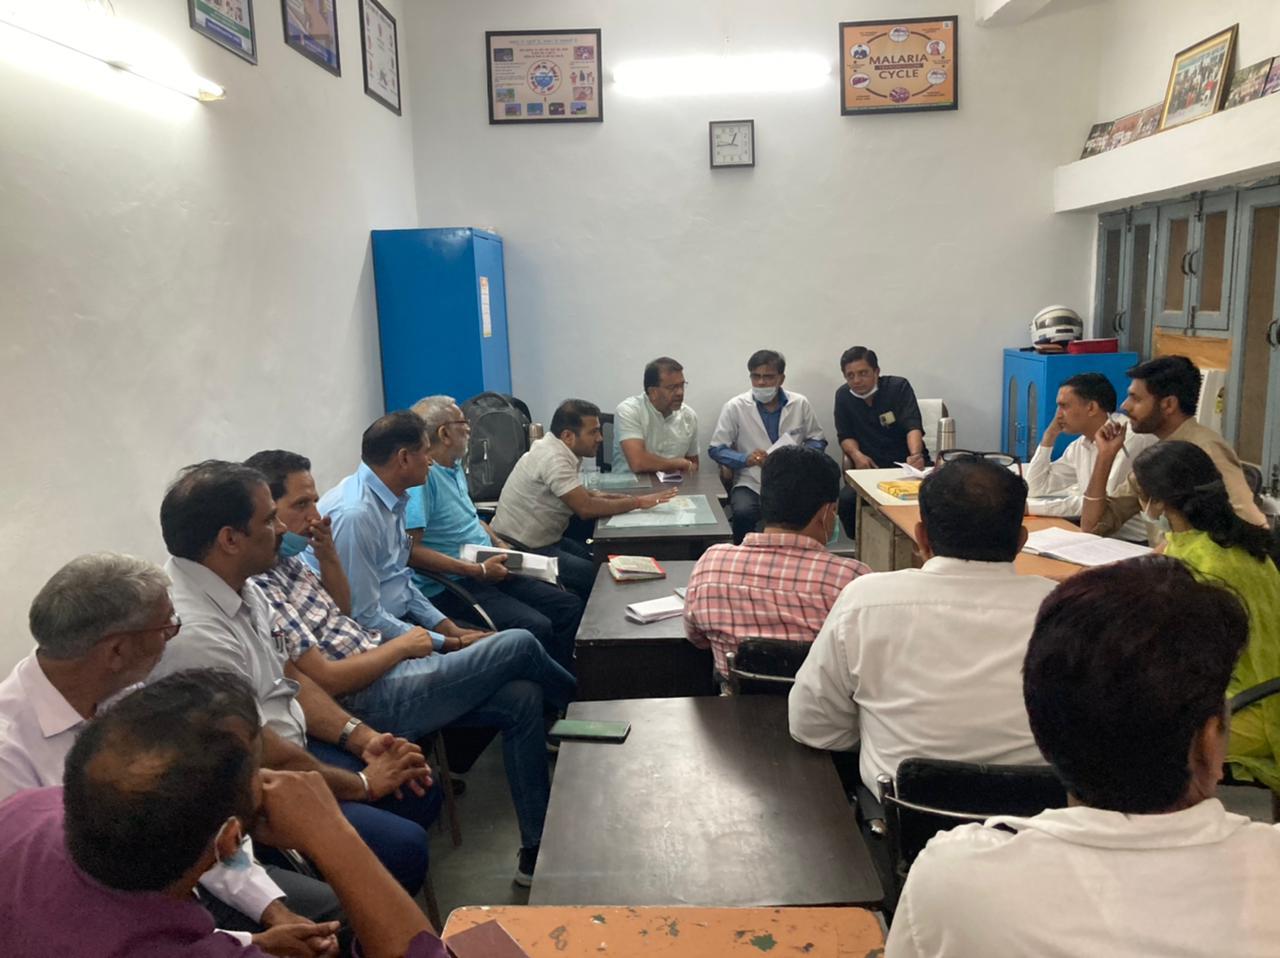 मीटिंग करते स्वास्थ्य संगठनो� - Dainik Bhaskar